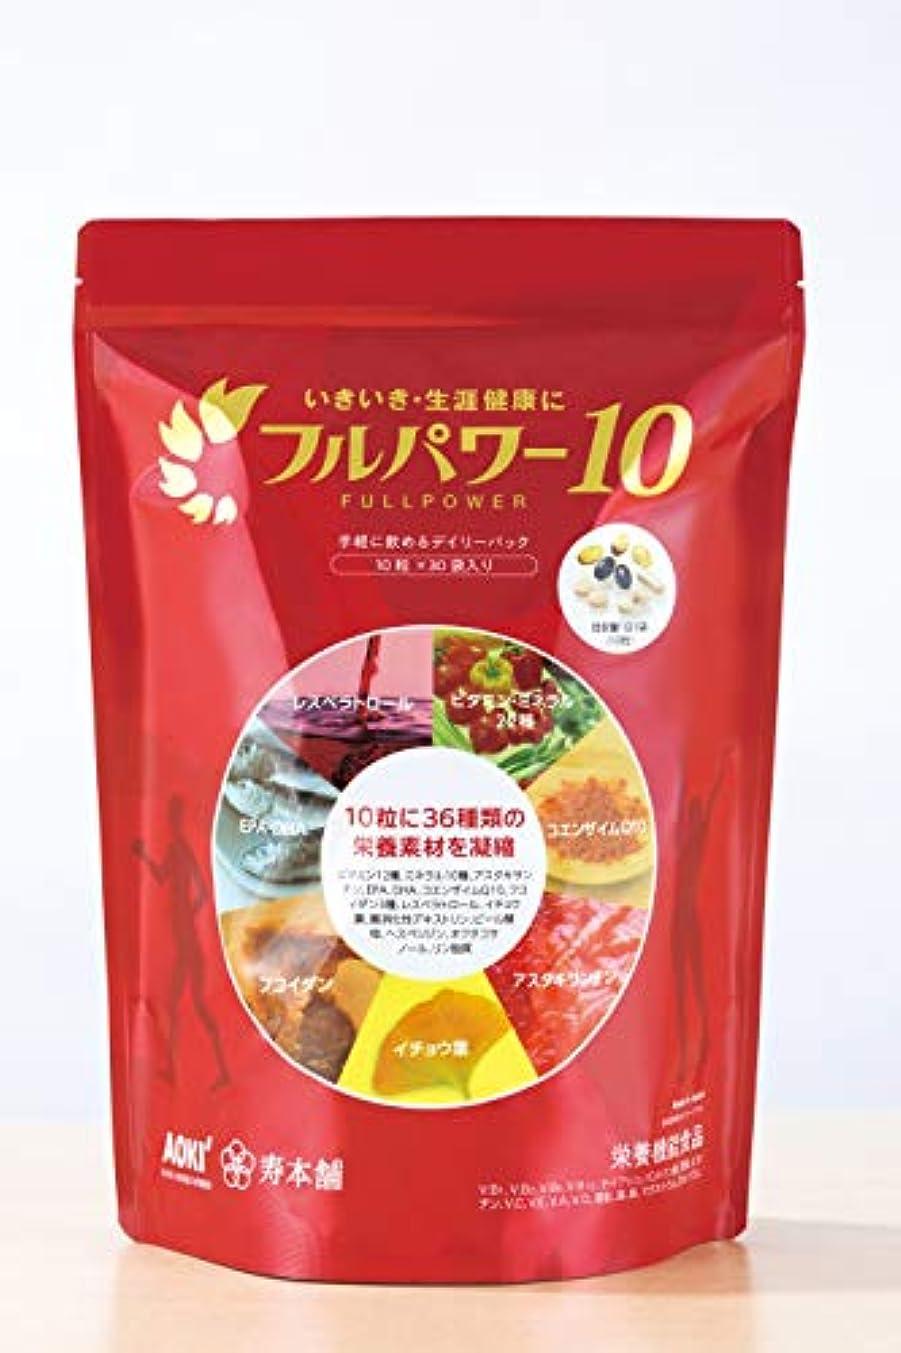 国勢調査元気な明確にフルパワー10[30袋入](1袋10粒入)不足しやすい栄養を補給するサプリメント